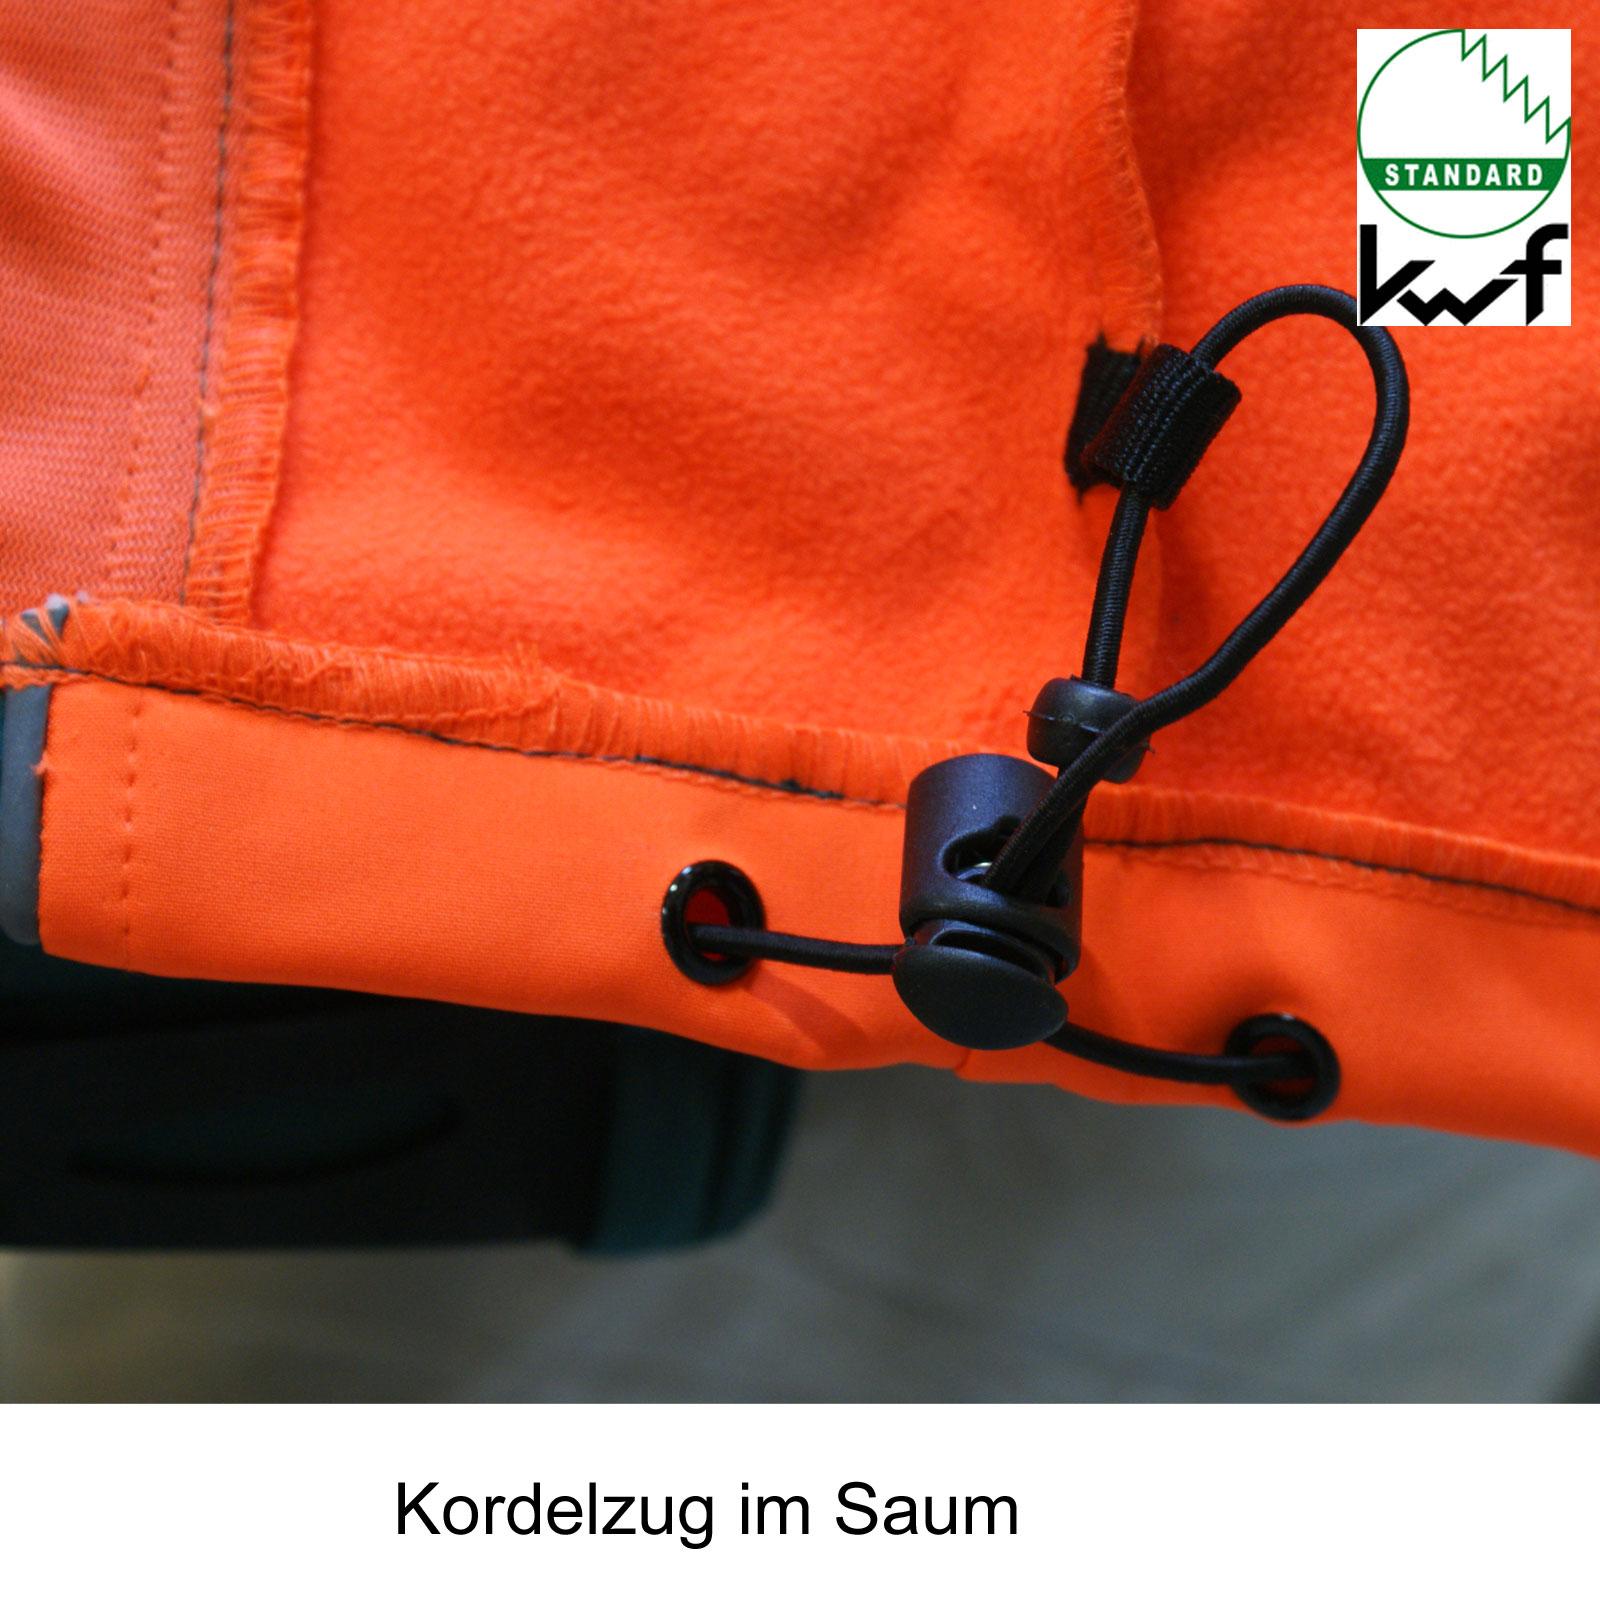 KWF FPA Forst Schnittschutz-Set 4-tlg Helm Jacke Hose Stiefel, Forst-Set, Motorsägen-Schutz, Kettensägen-Schutz, PSA-Forst, Arbeitssicherheit, , var-forstset4a